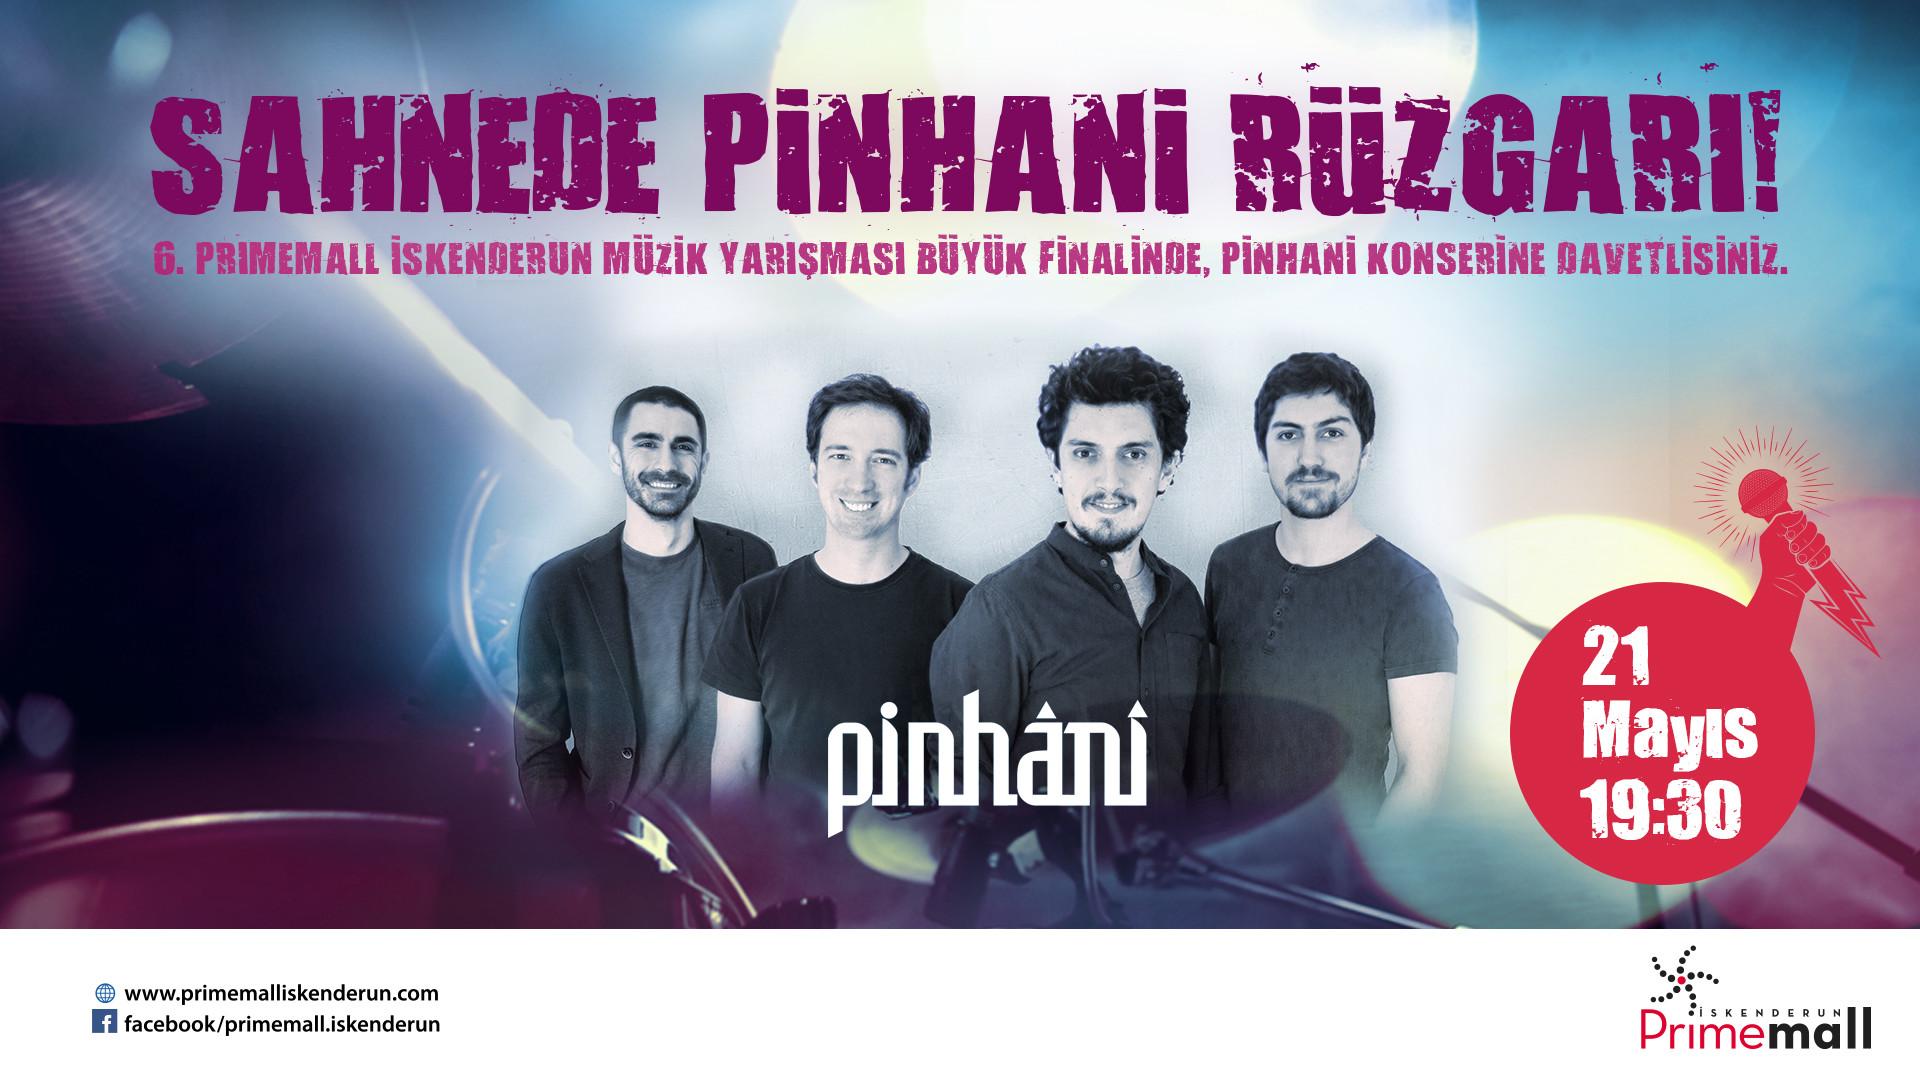 Sahnede Pinhani rüzgarı